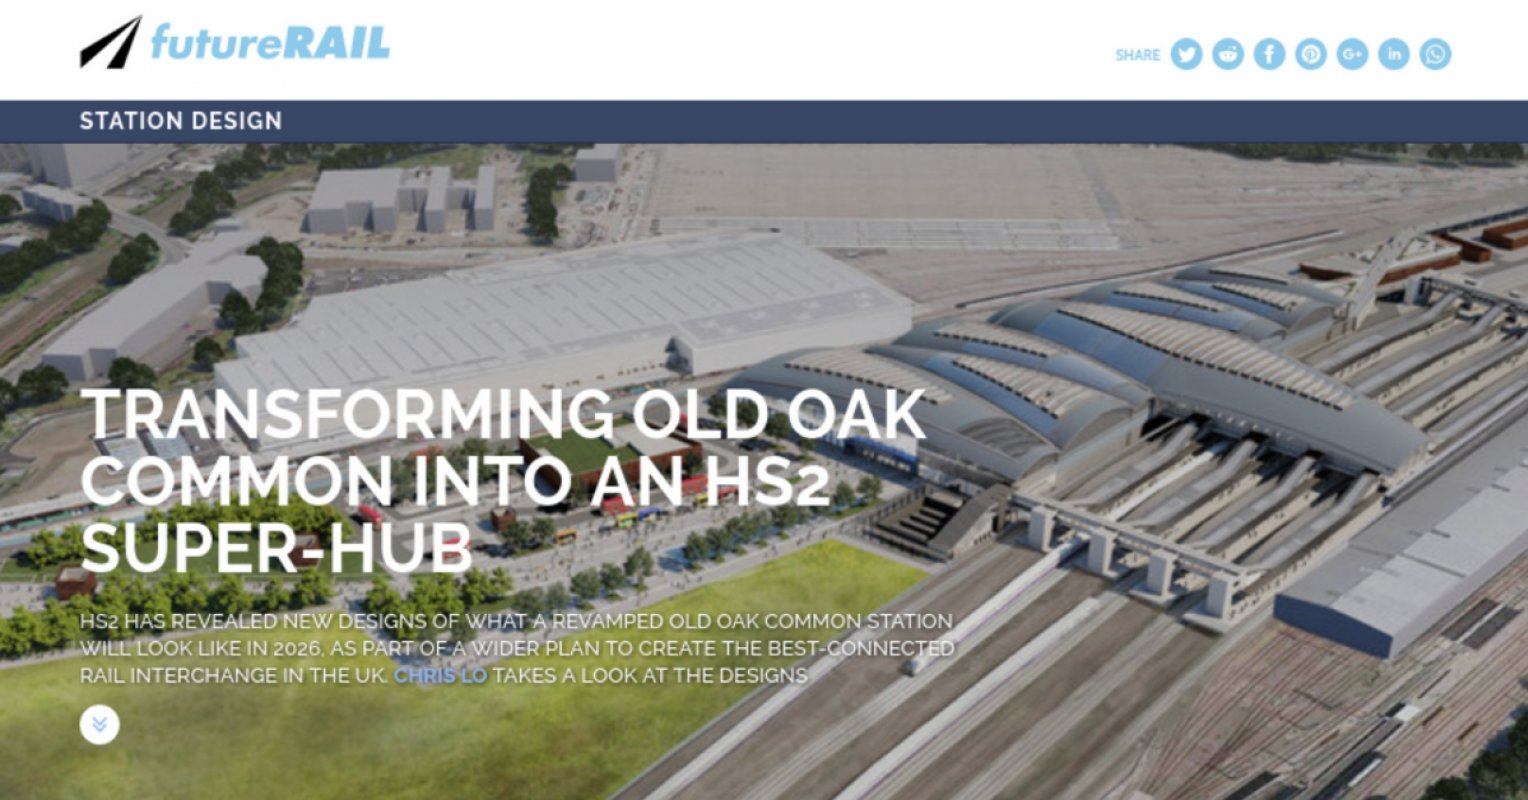 英國 HS2 高鐵 2號線正式開建